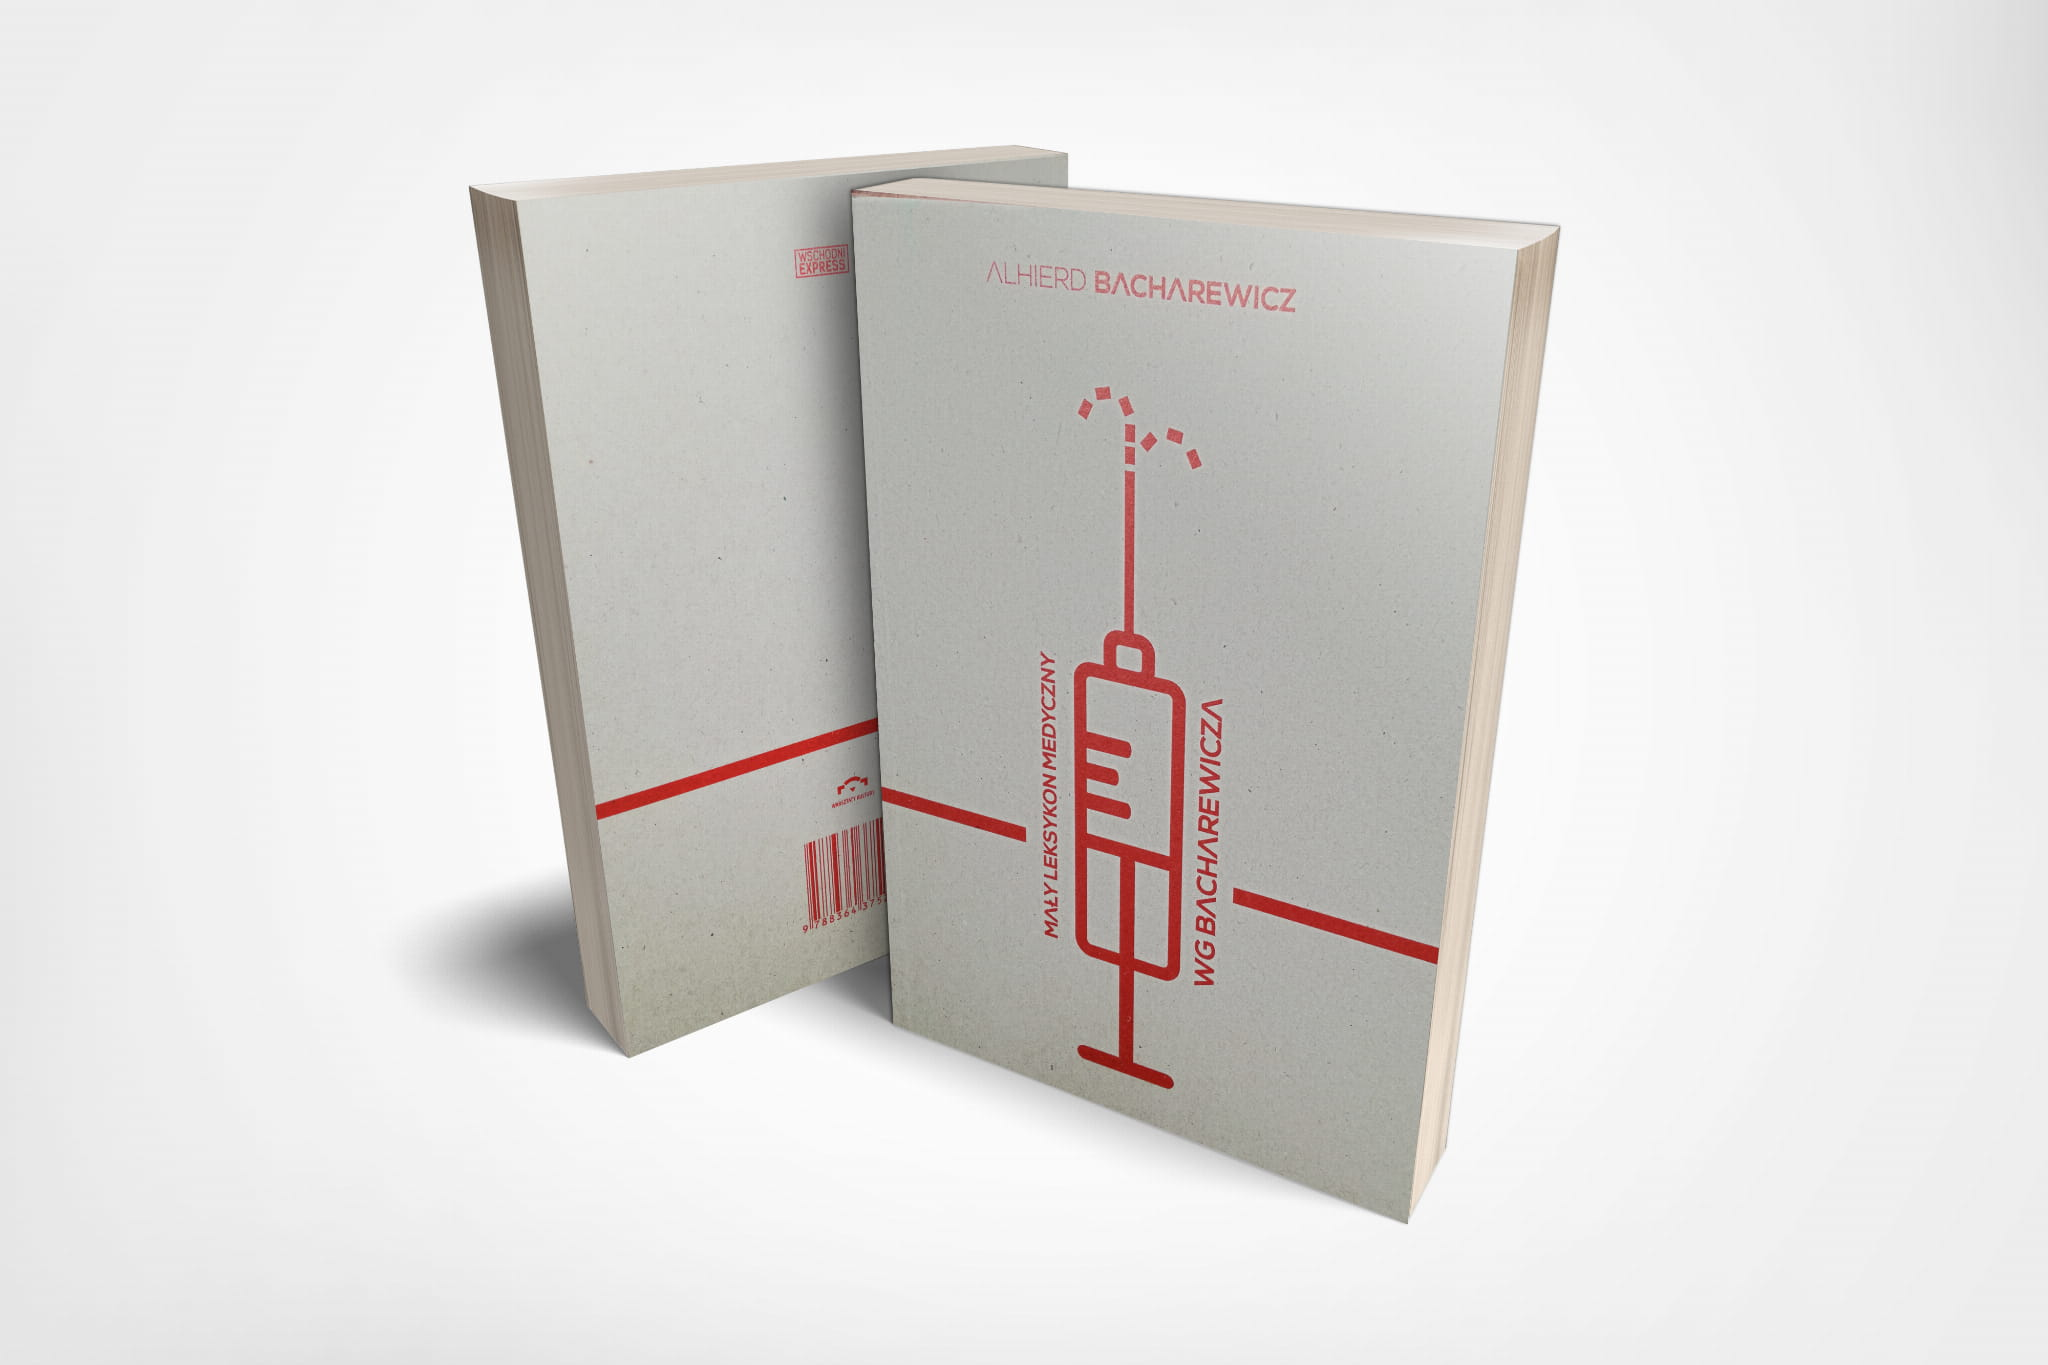 """Na zdjęciuznajduje cie książka autorstwa Alhierda Bacharewicza """"Mały leksykon medyczny wg Bacharewicza"""". Na okładce widnieje czerwona strzykawka na szarym tle. Ilustracja wykonana jest w prostym geometrycznym stylu."""